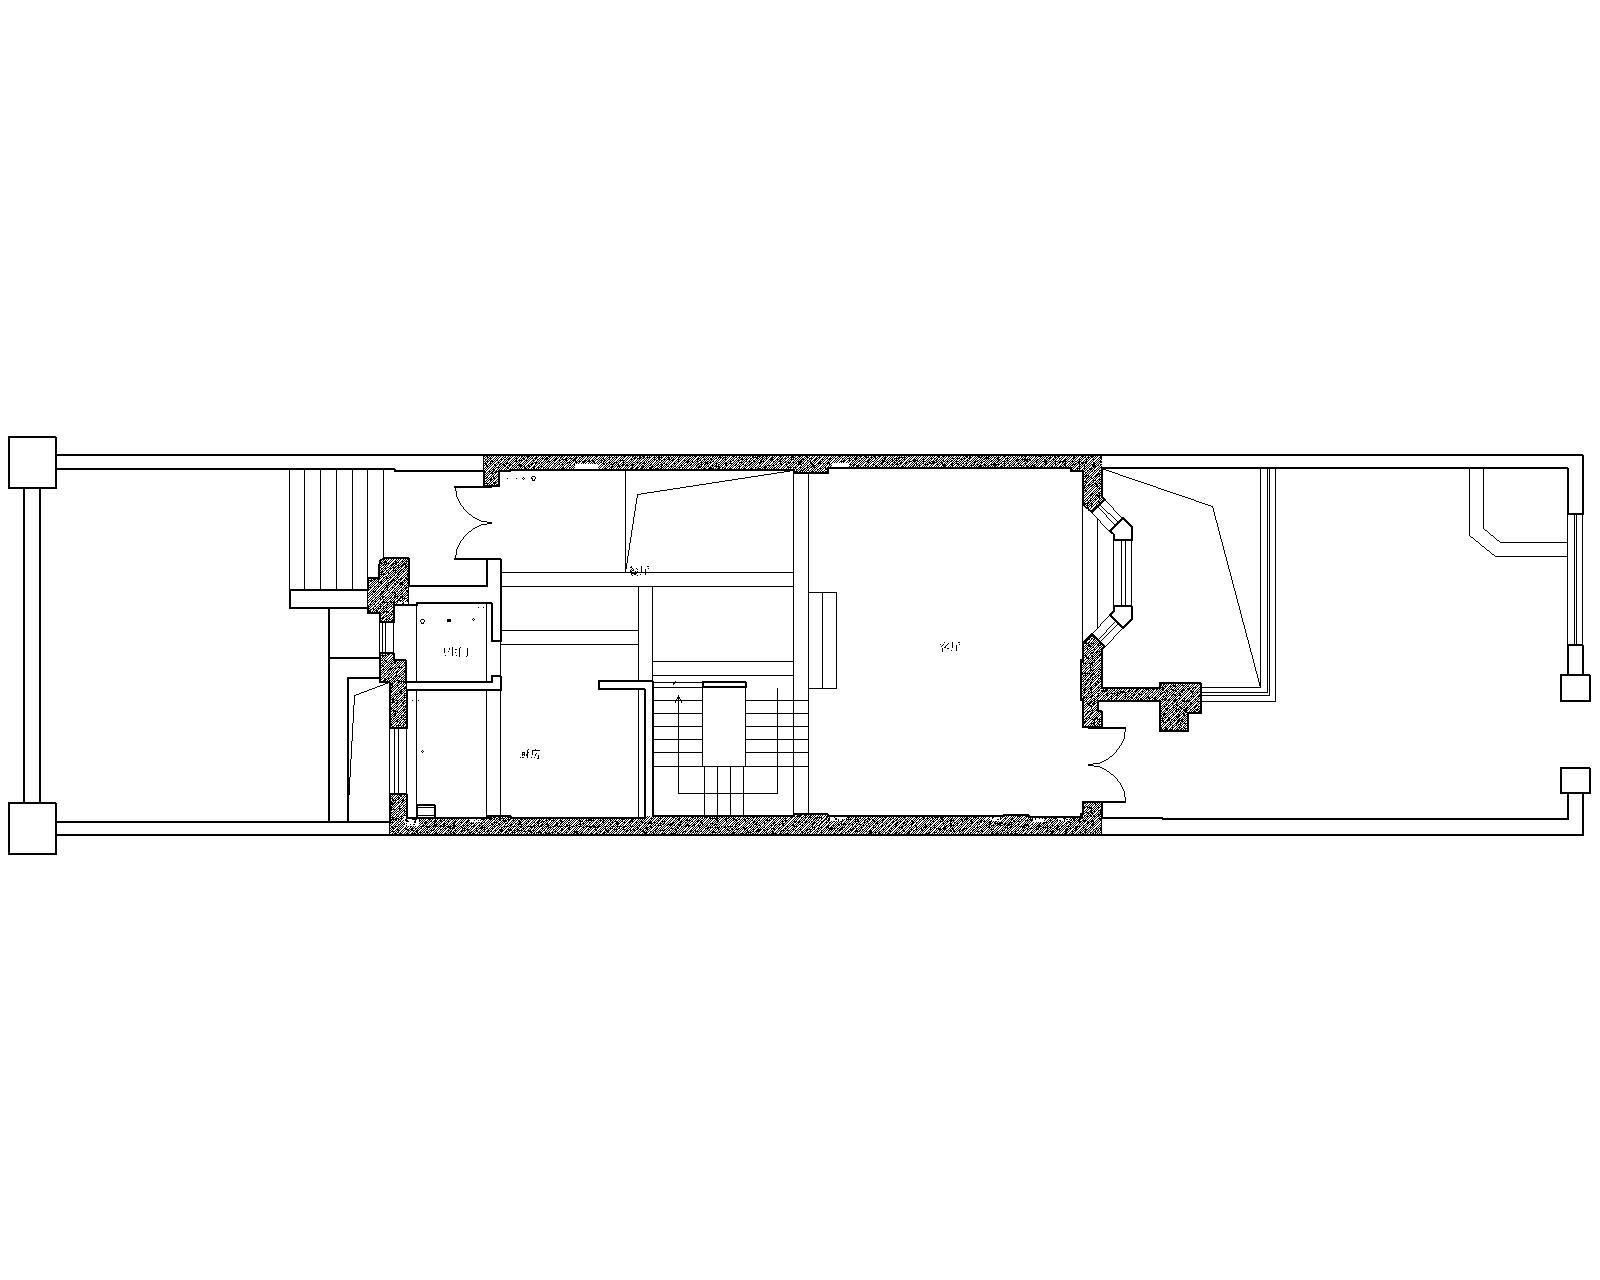 龙游公馆-美式-466㎡装修设计理念